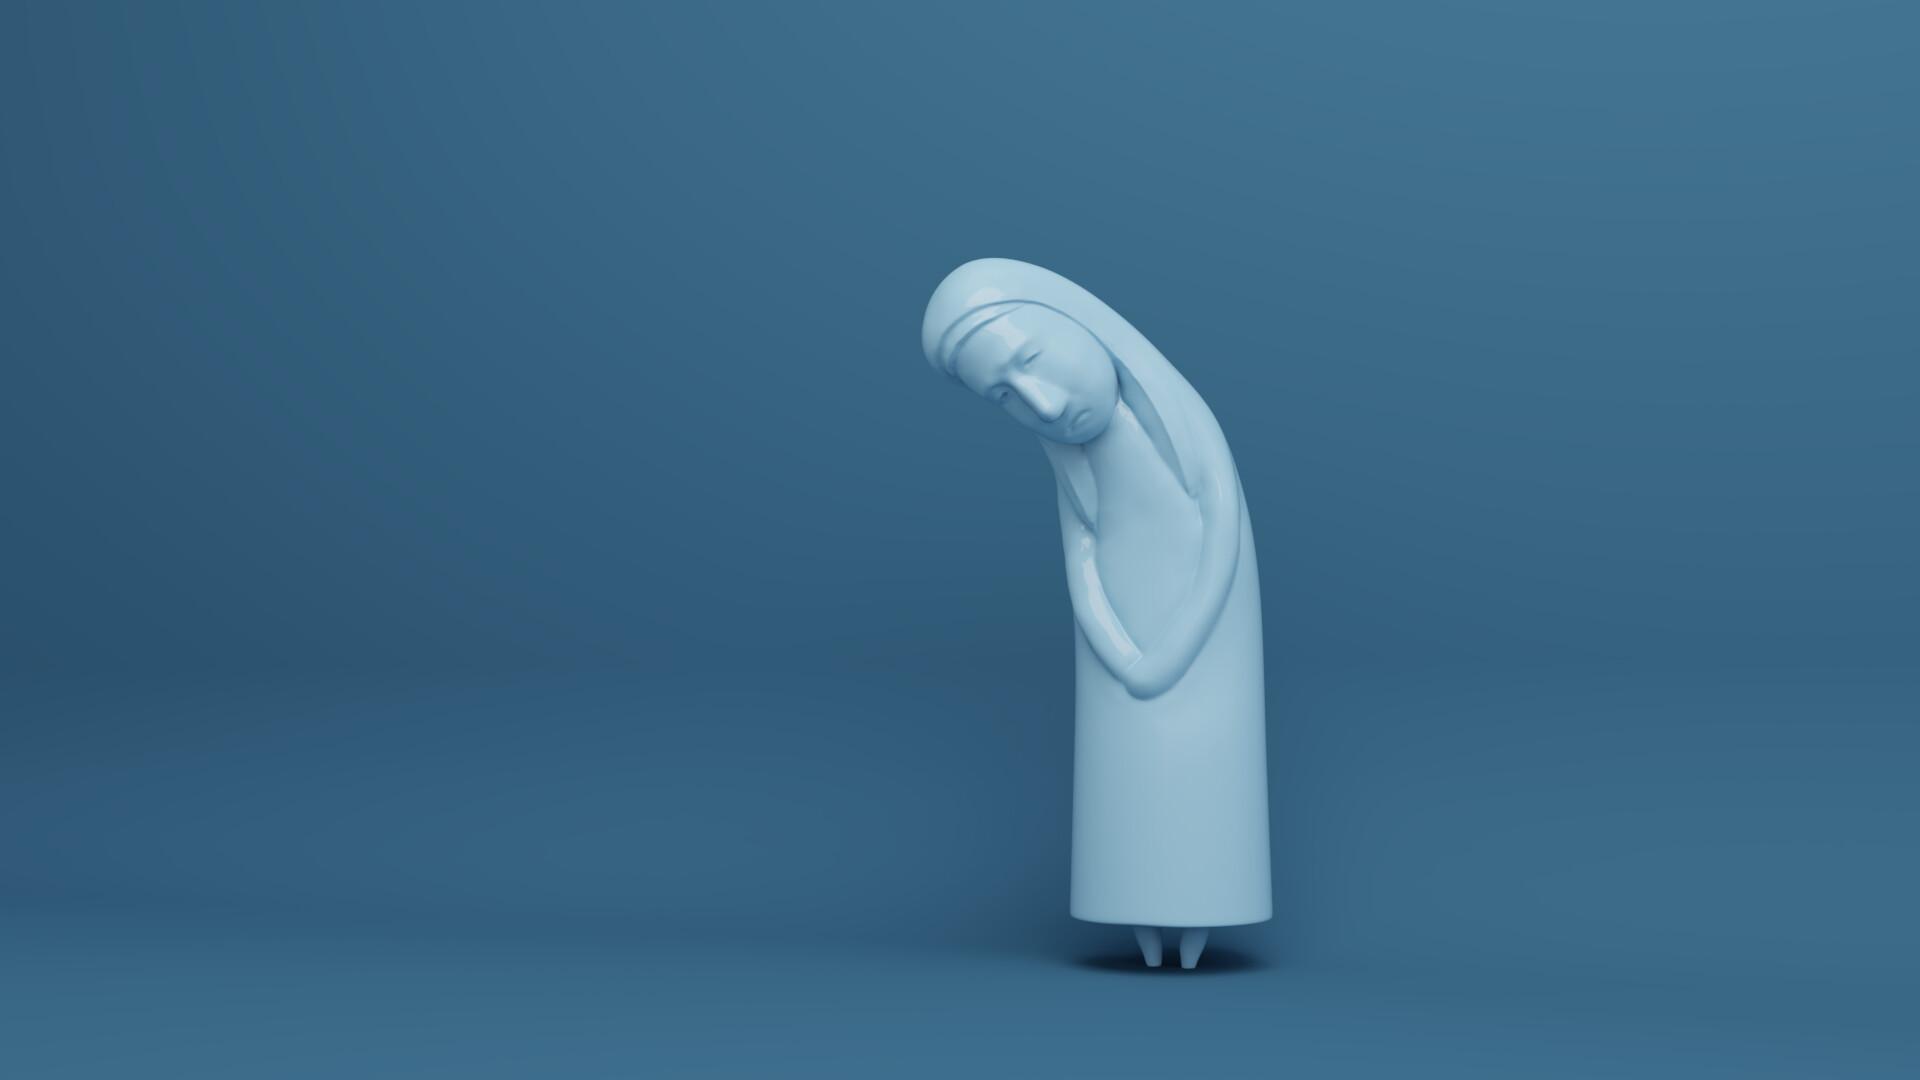 Michael wu 16 melancholy rendering